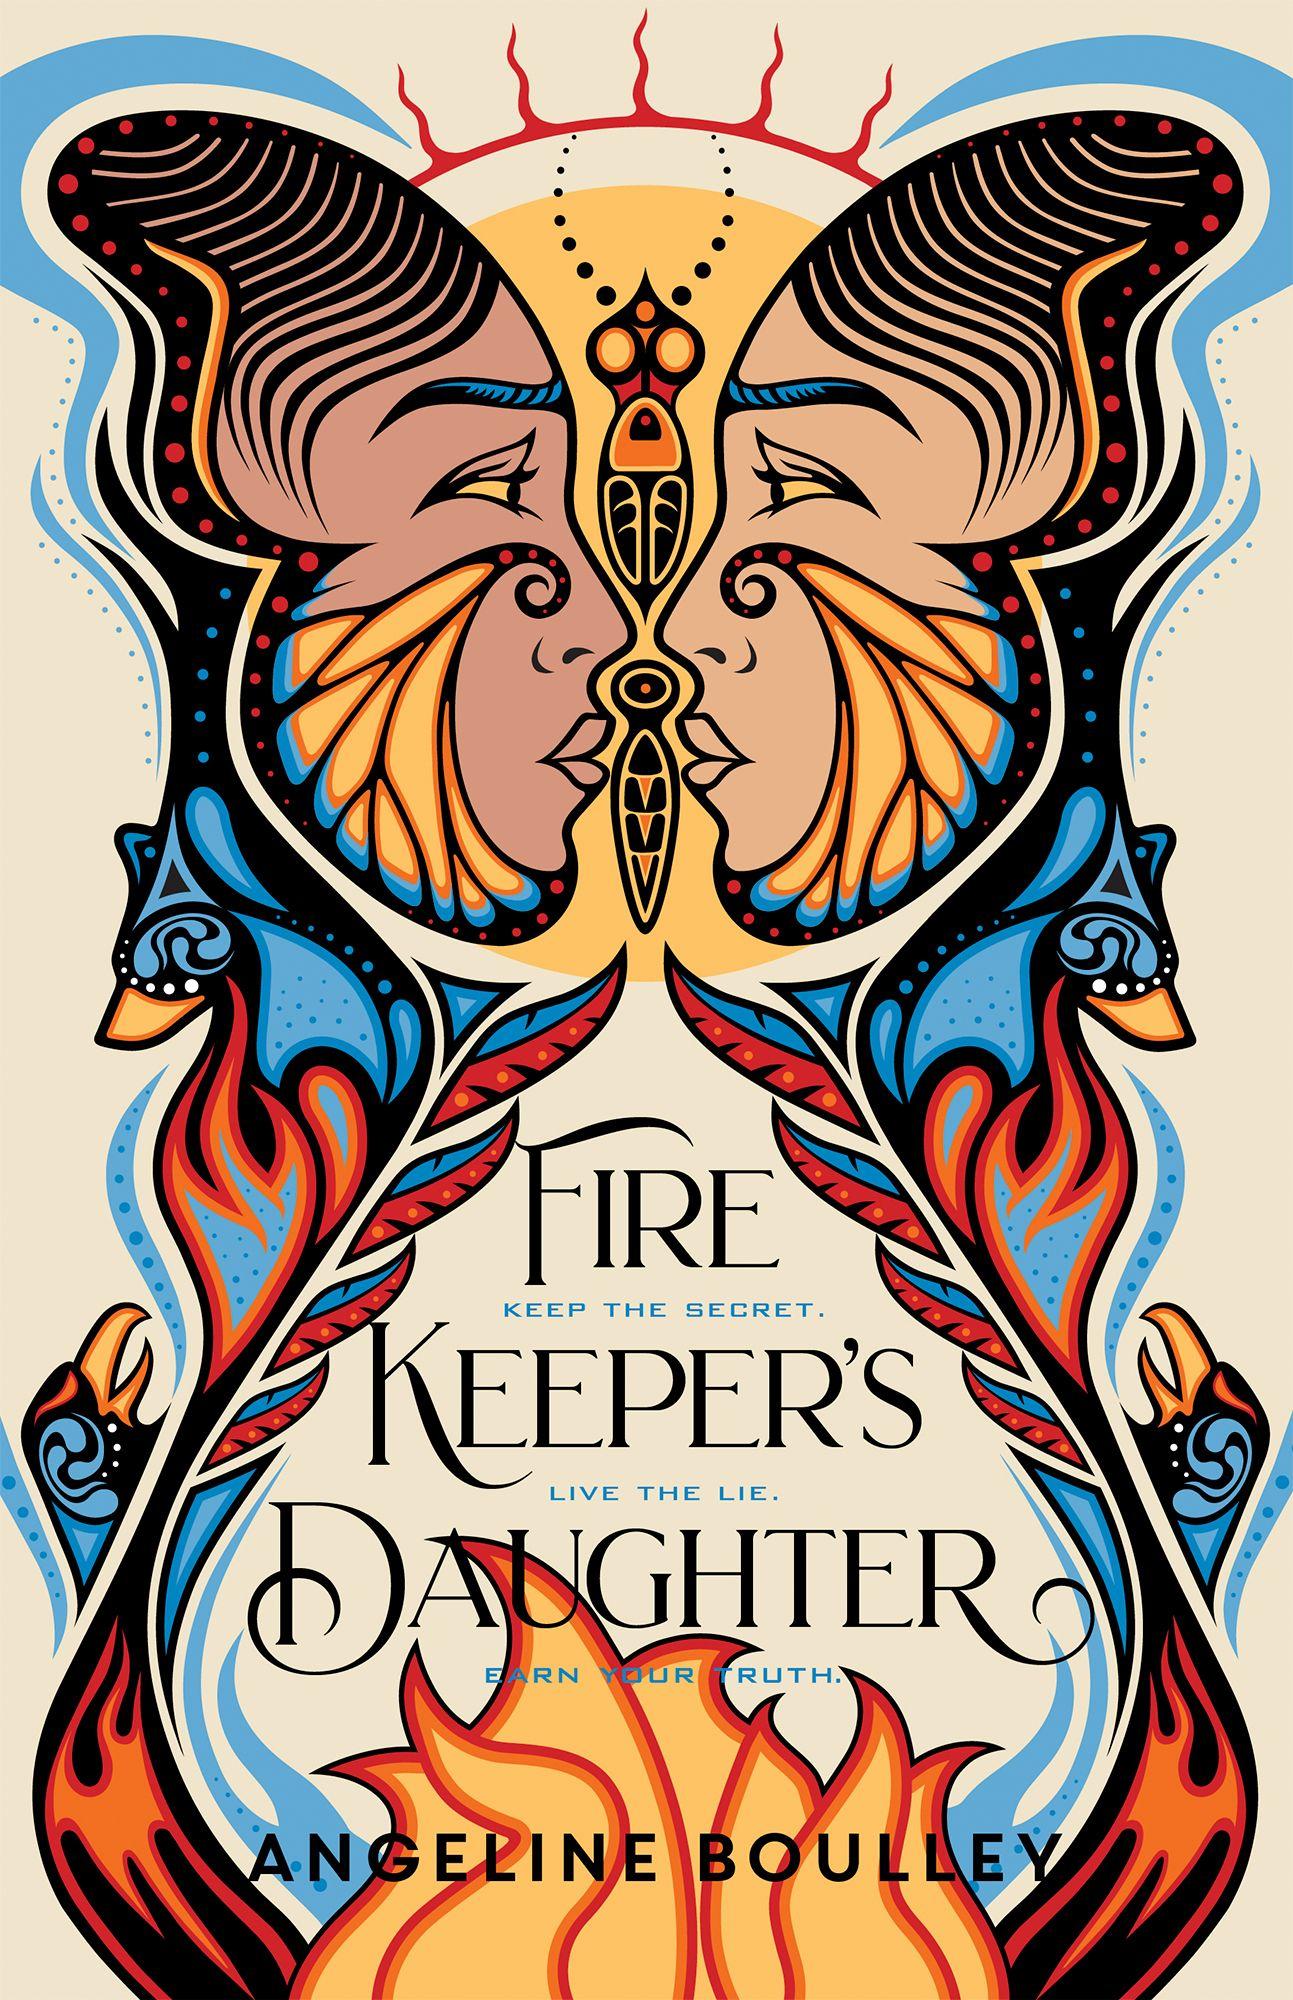 firekeeper-s-daughter